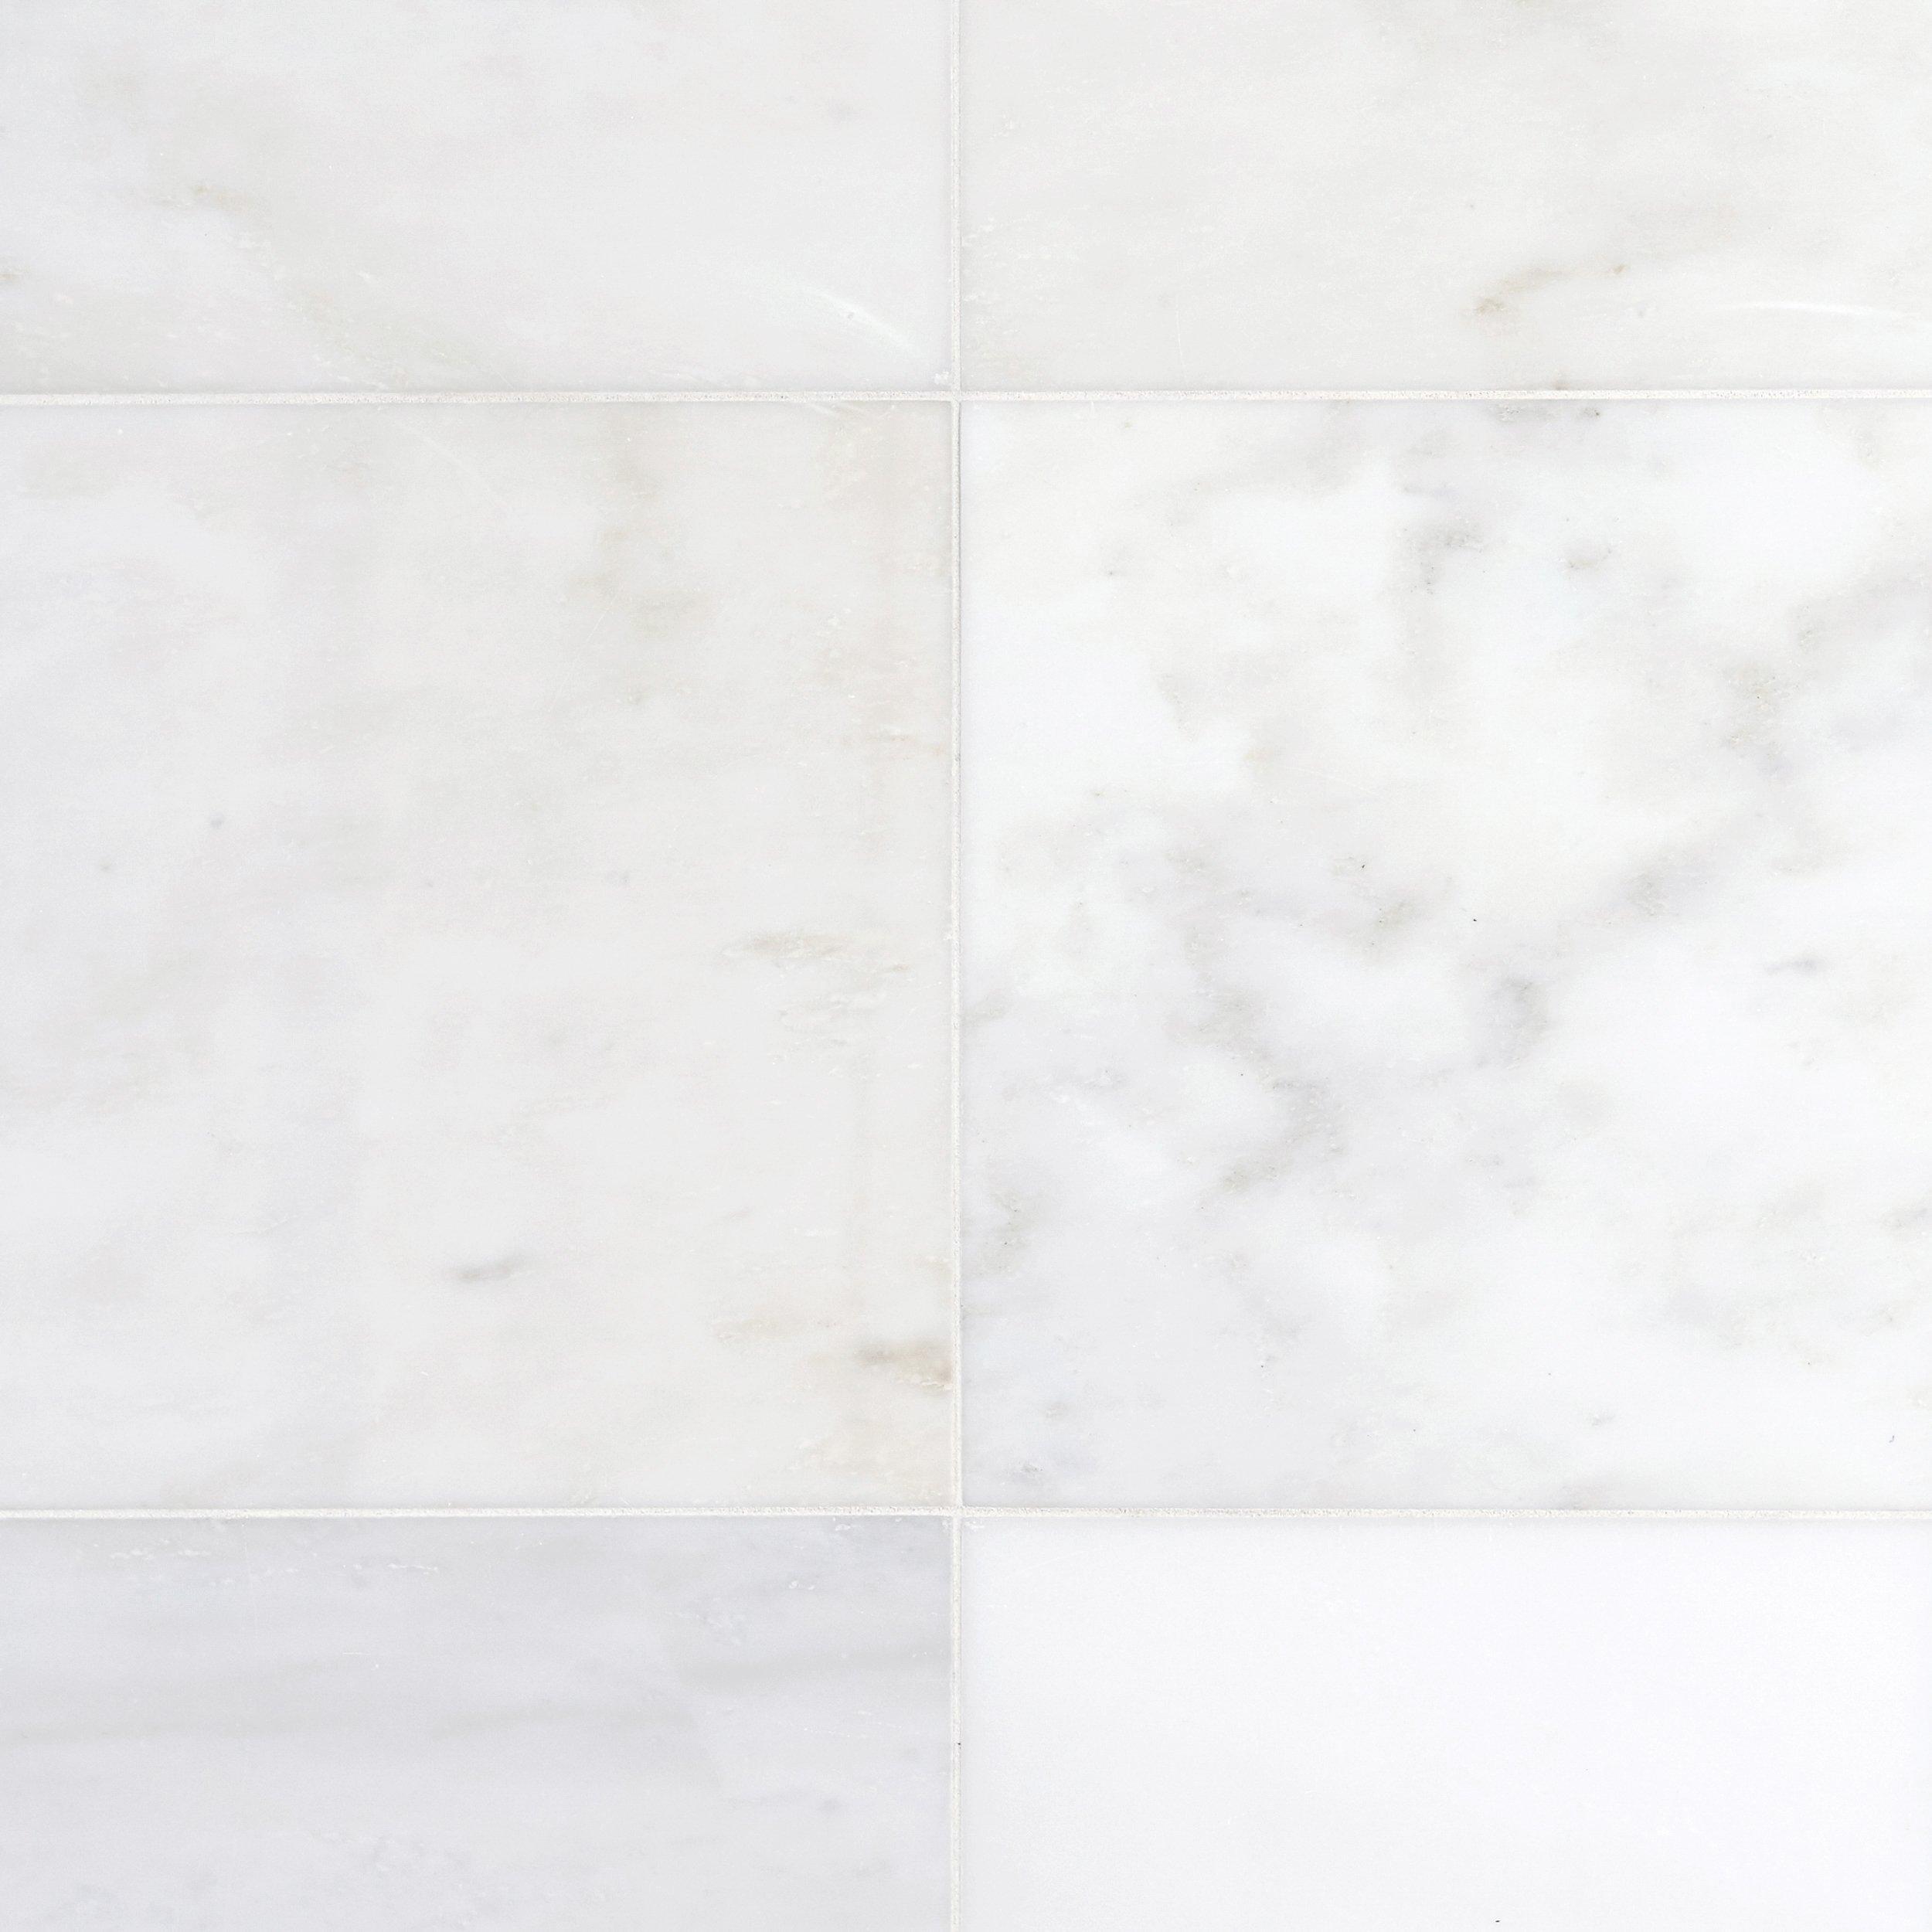 White marble tile flooring Sange Mar Mar Carrara White Marble Tile Global Sources Carrara White Marble Tile 18 18 921100395 Floor And Decor